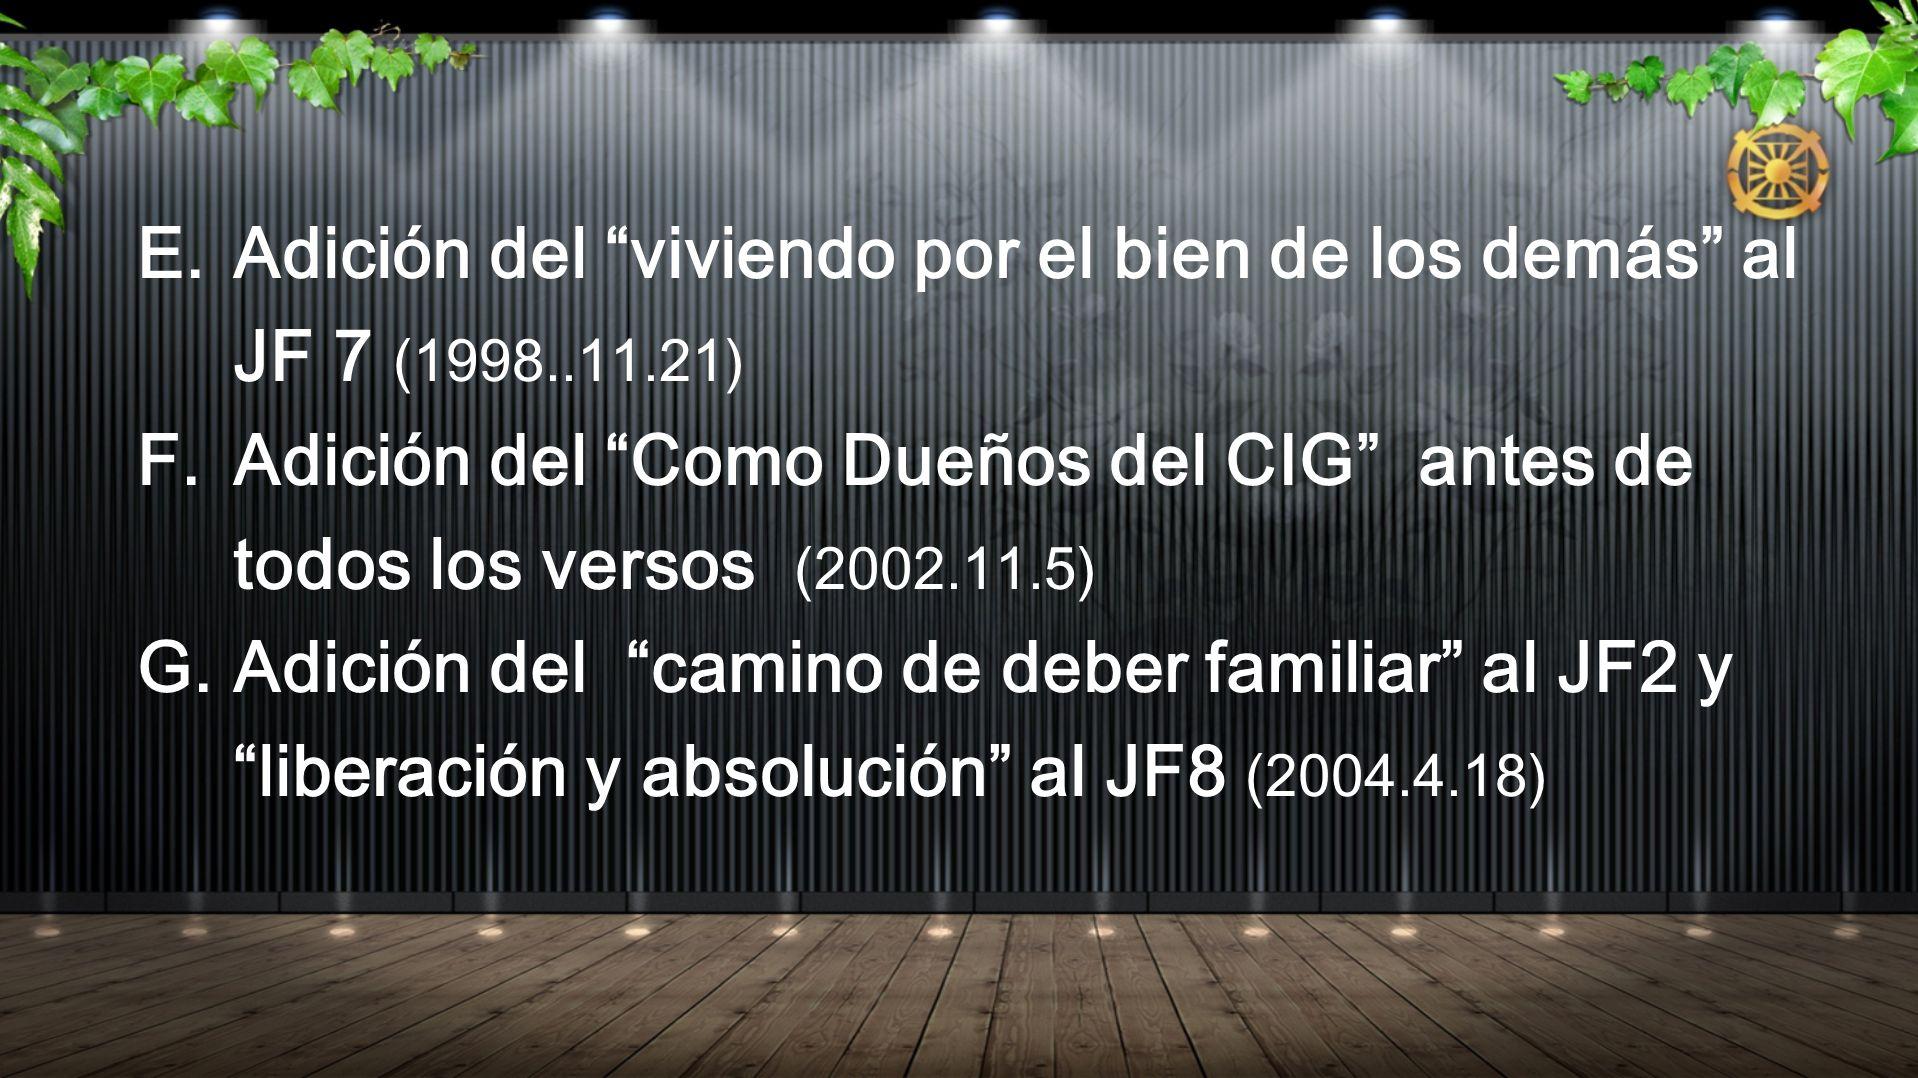 E. Adición del viviendo por el bien de los demás al JF 7 (1998..11.21) F.